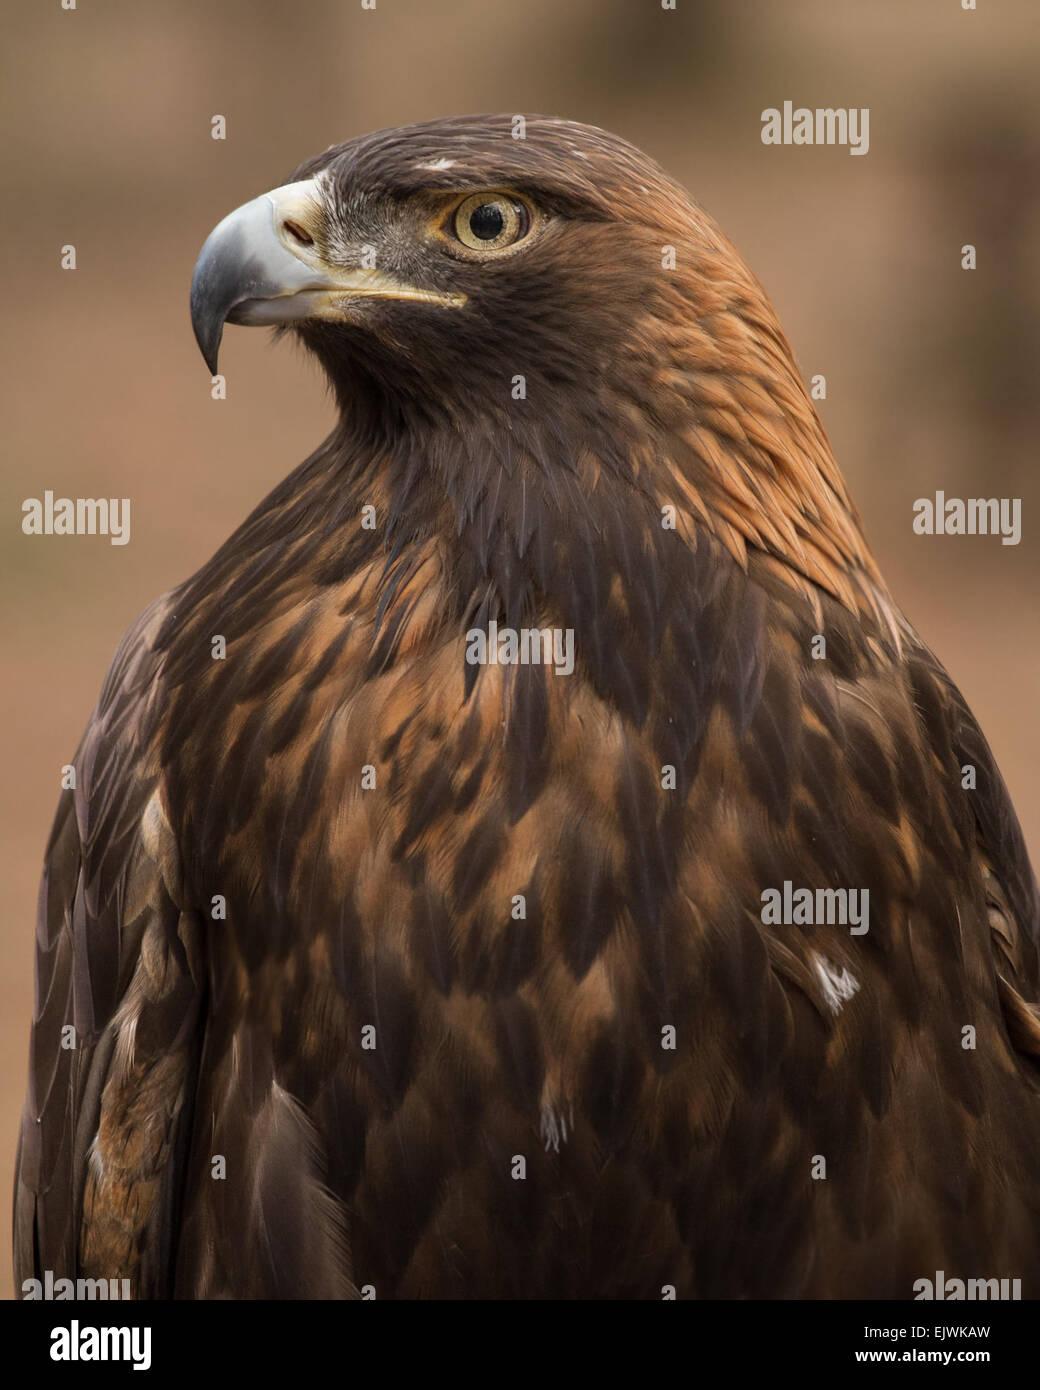 Ein Porträt von einem goldenen Adler. Stockbild